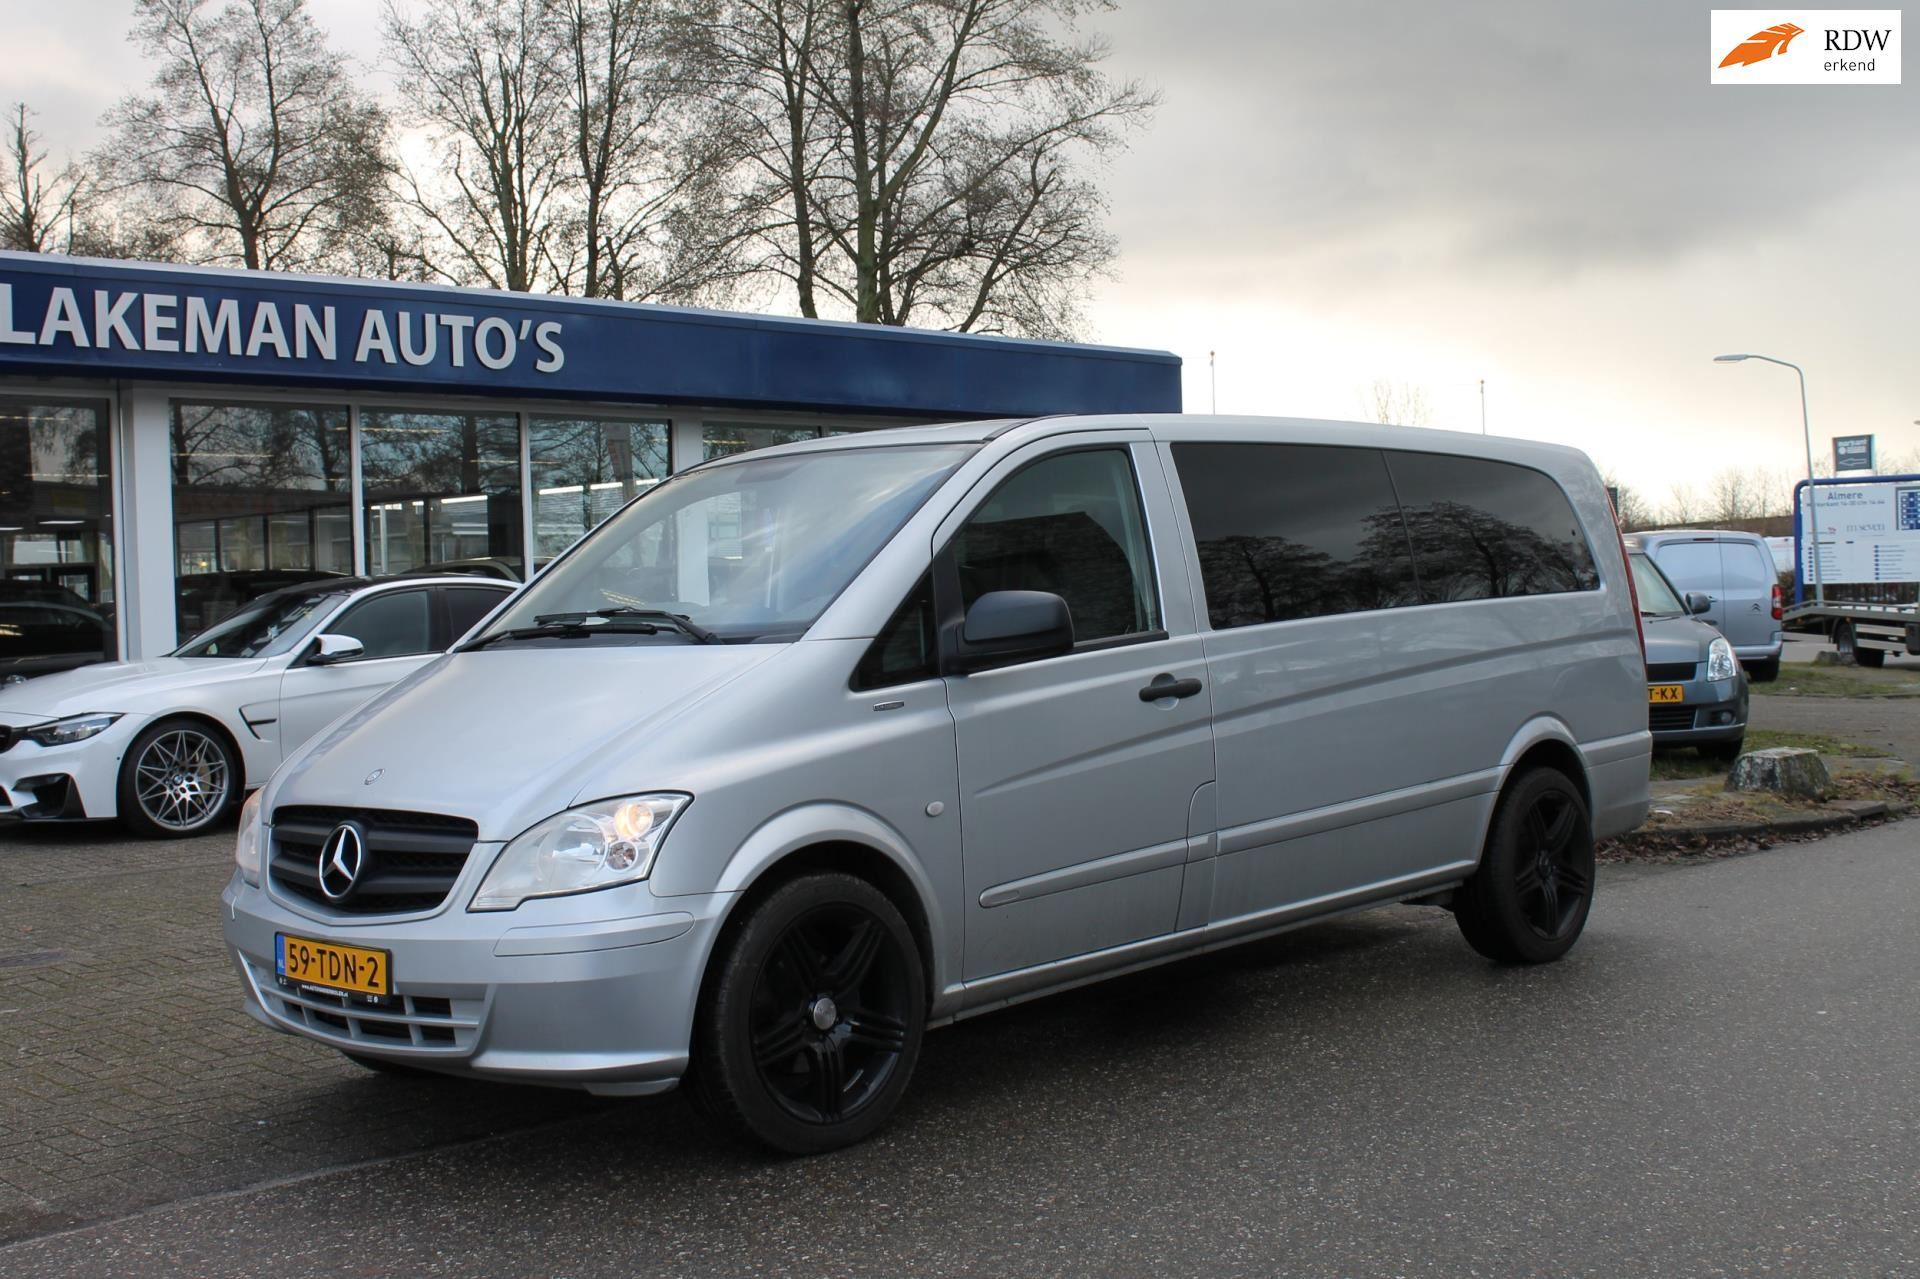 Mercedes-Benz Vito occasion - Lakeman auto's Almere B.V.